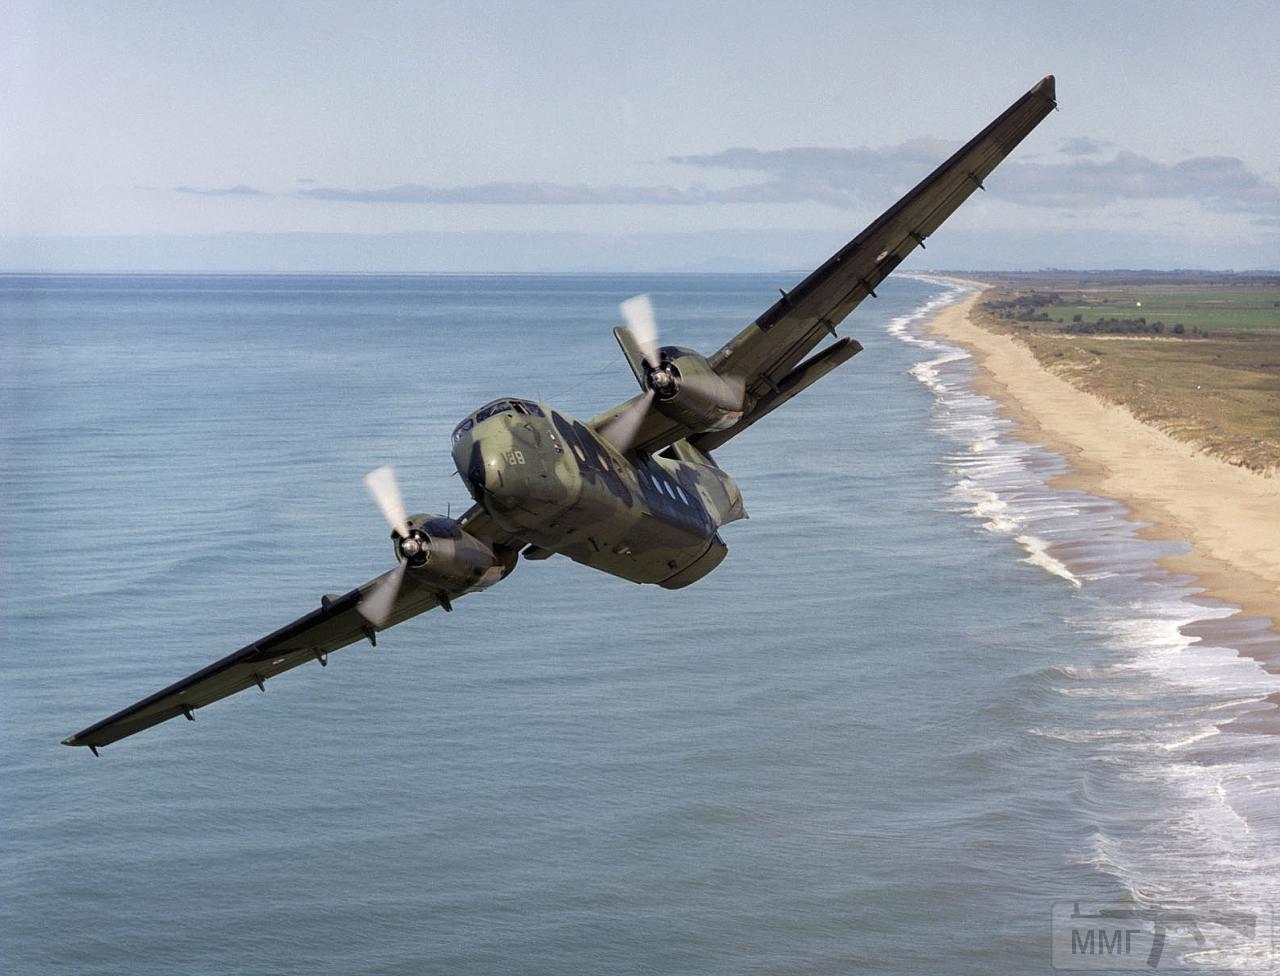 27201 - Красивые фото и видео боевых самолетов и вертолетов